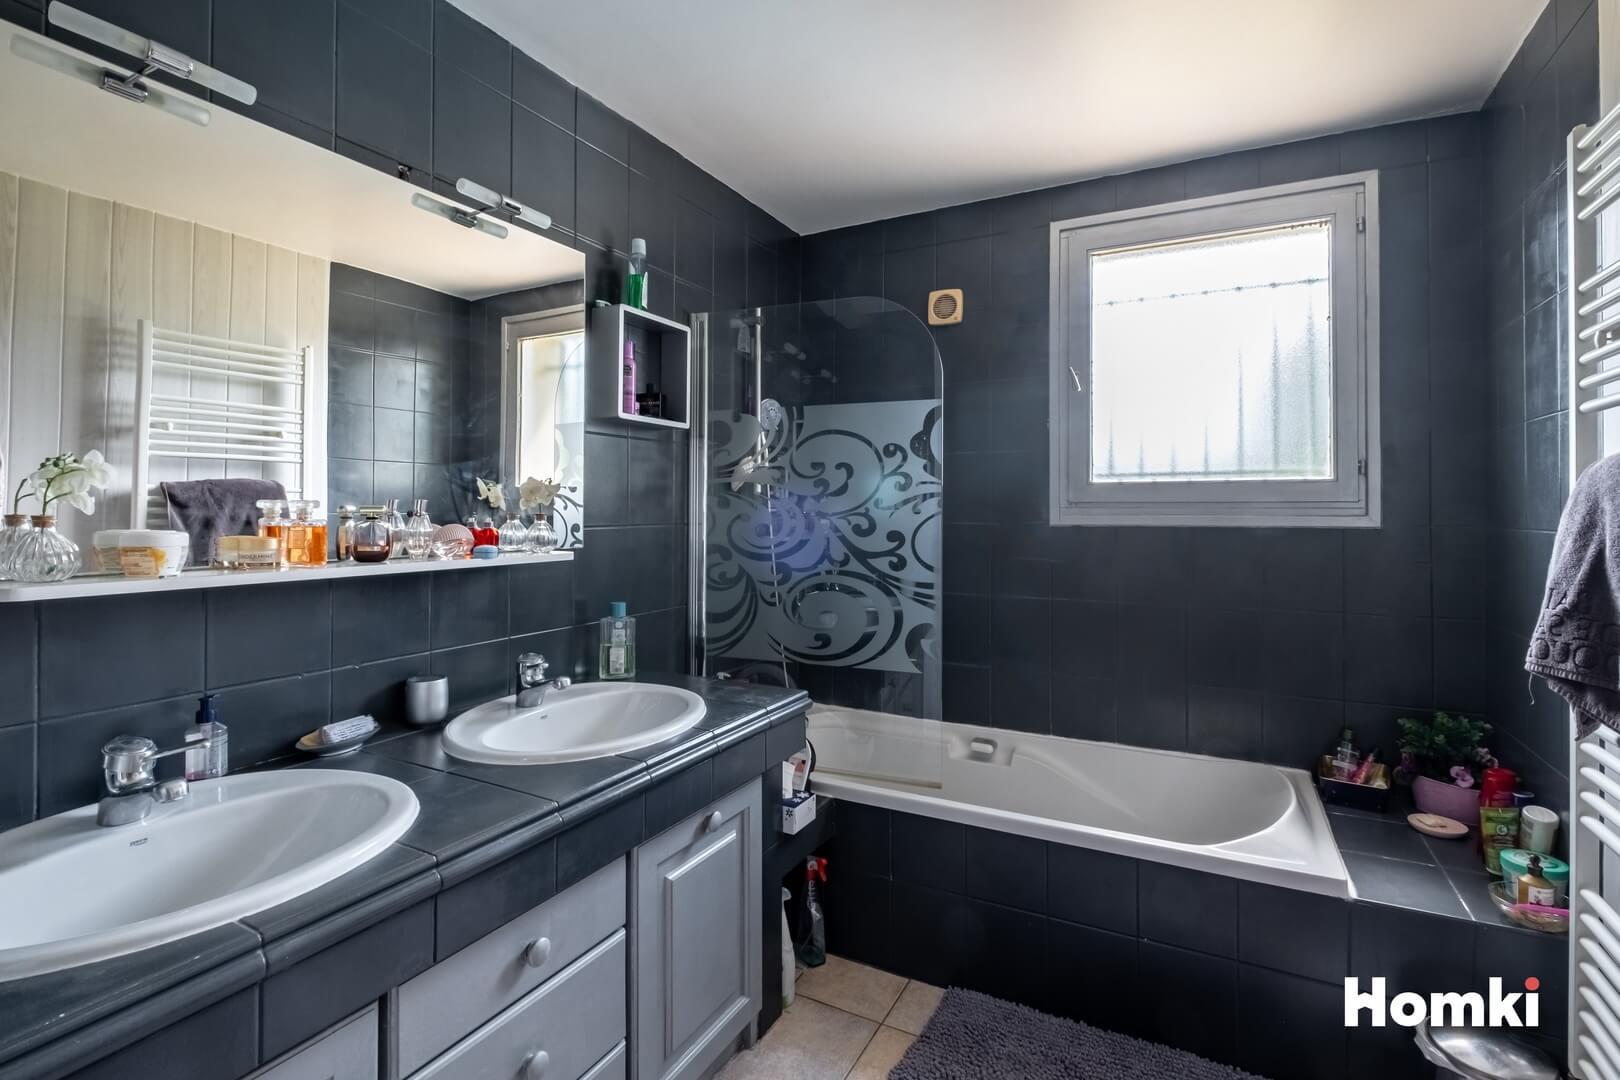 Homki - Vente Maison/villa  de 142.0 m² à Beaupuy 31850